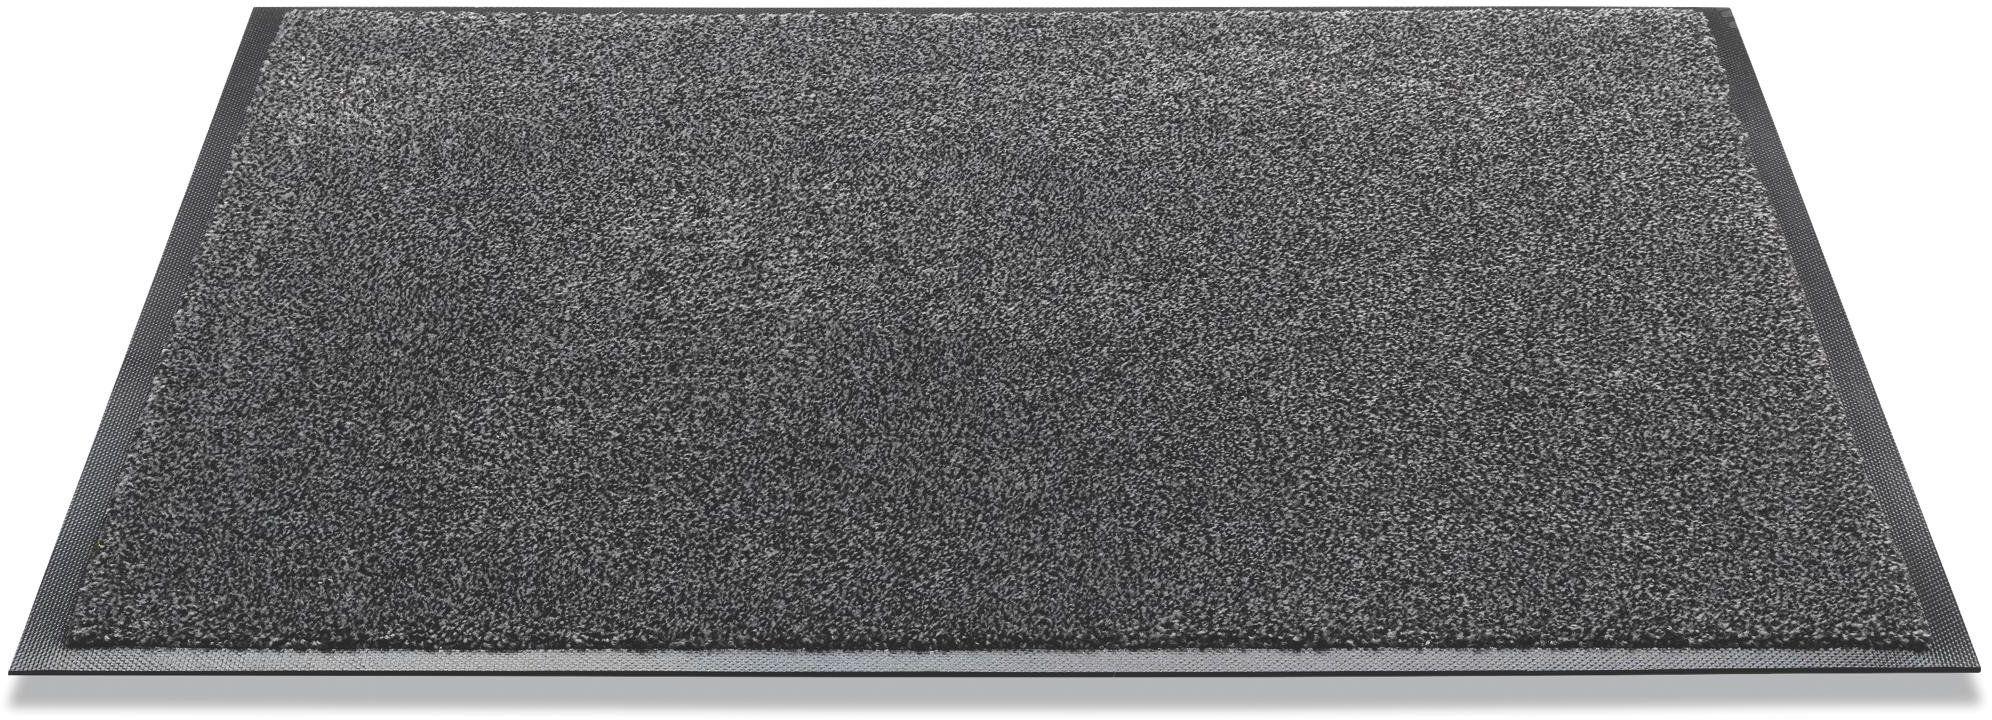 HMT wycieraczka poliamidowa, antracyt, 75 x 85 cm